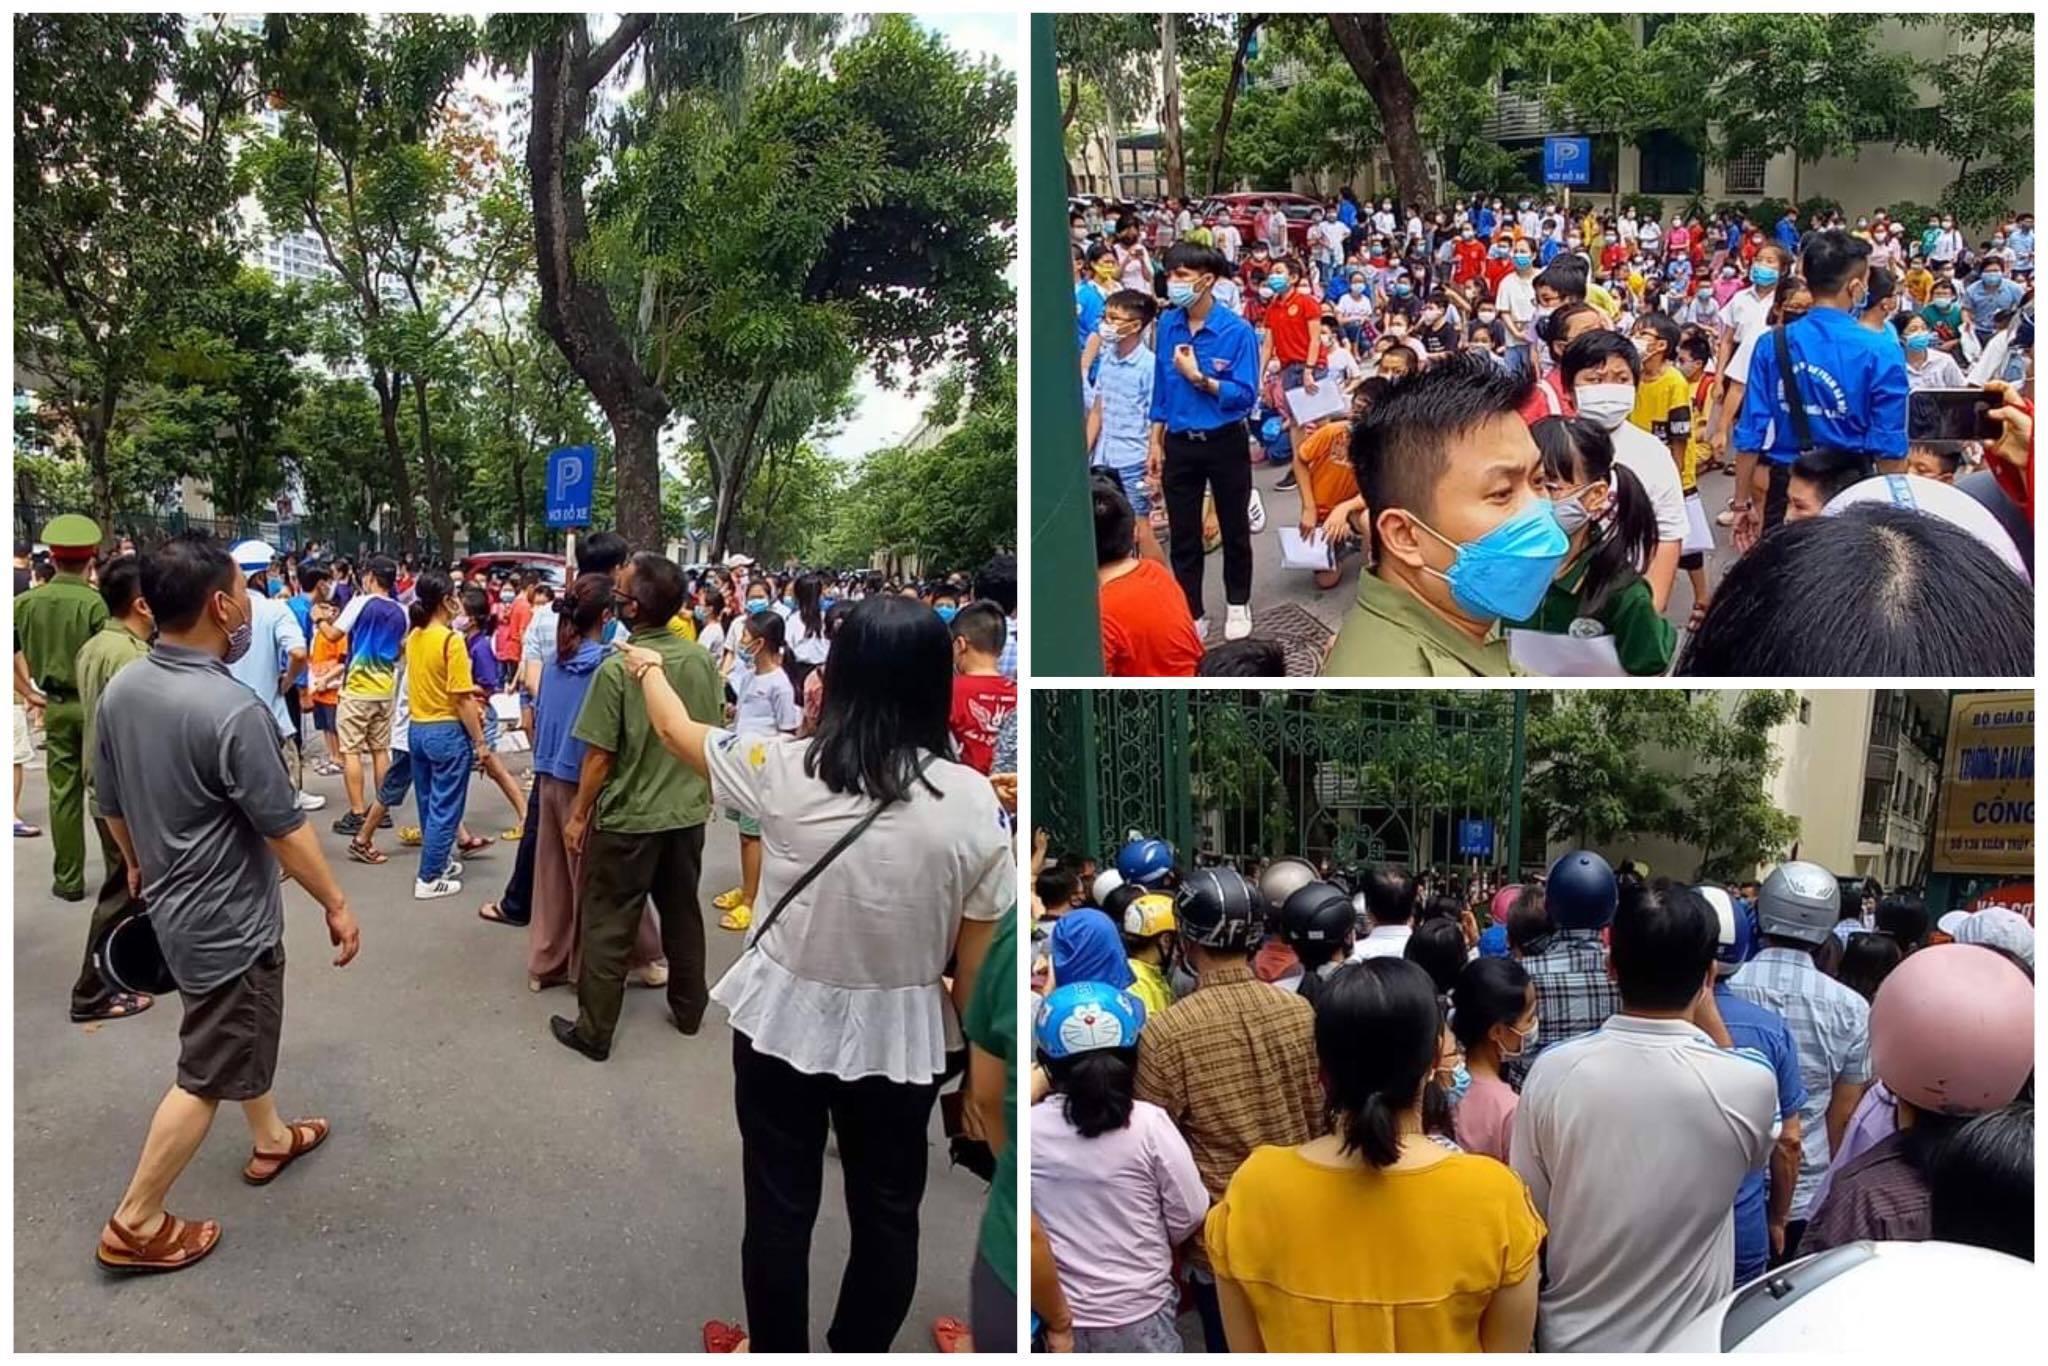 Hà Nội: Phụ huynh chen chúc ngoài cổng trường thi tuyển lớp 6 với hàng nghìn thí sinh